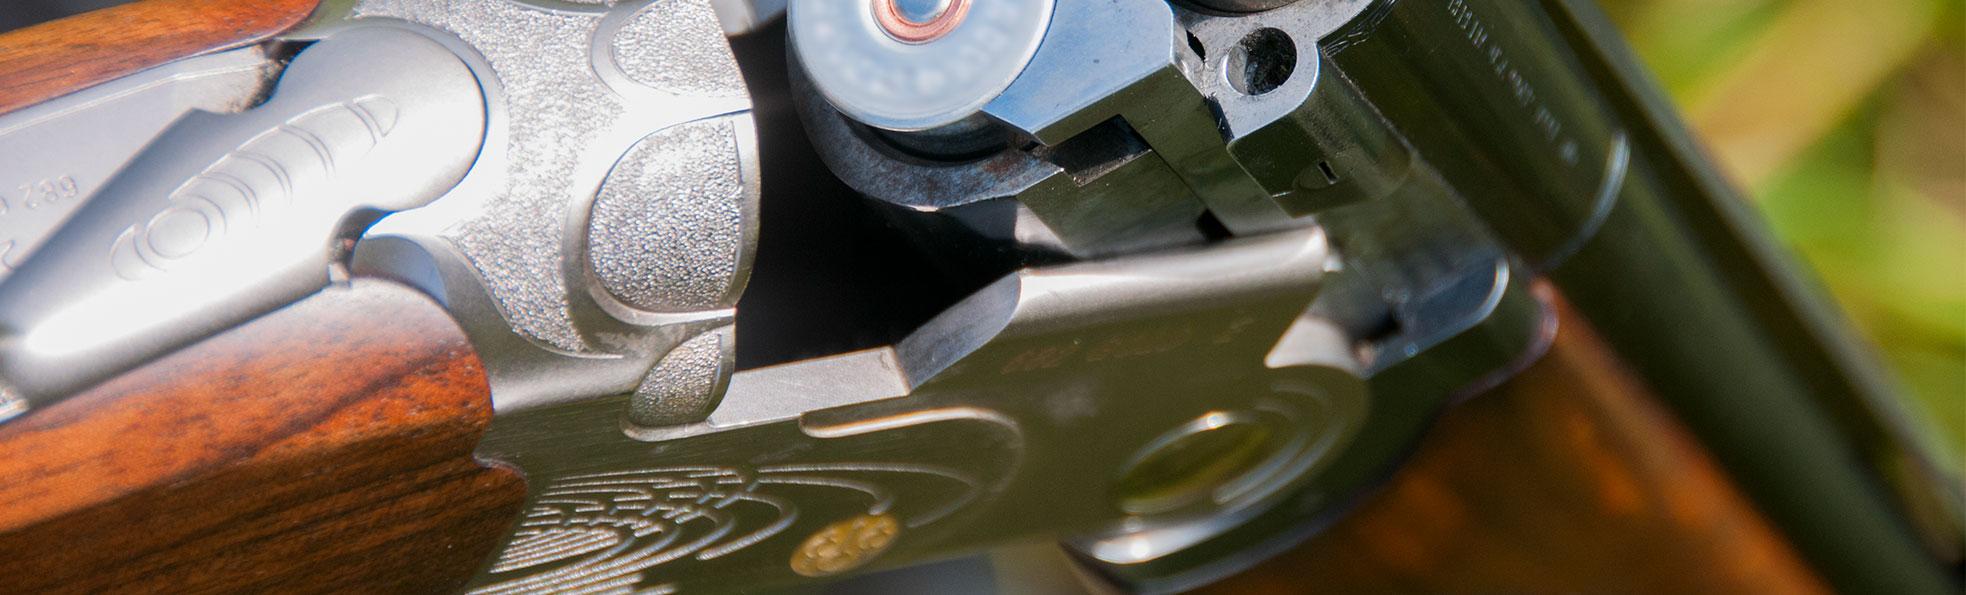 Metsästäjän verkkokauppa - aseet ja metsästystarvikkeet